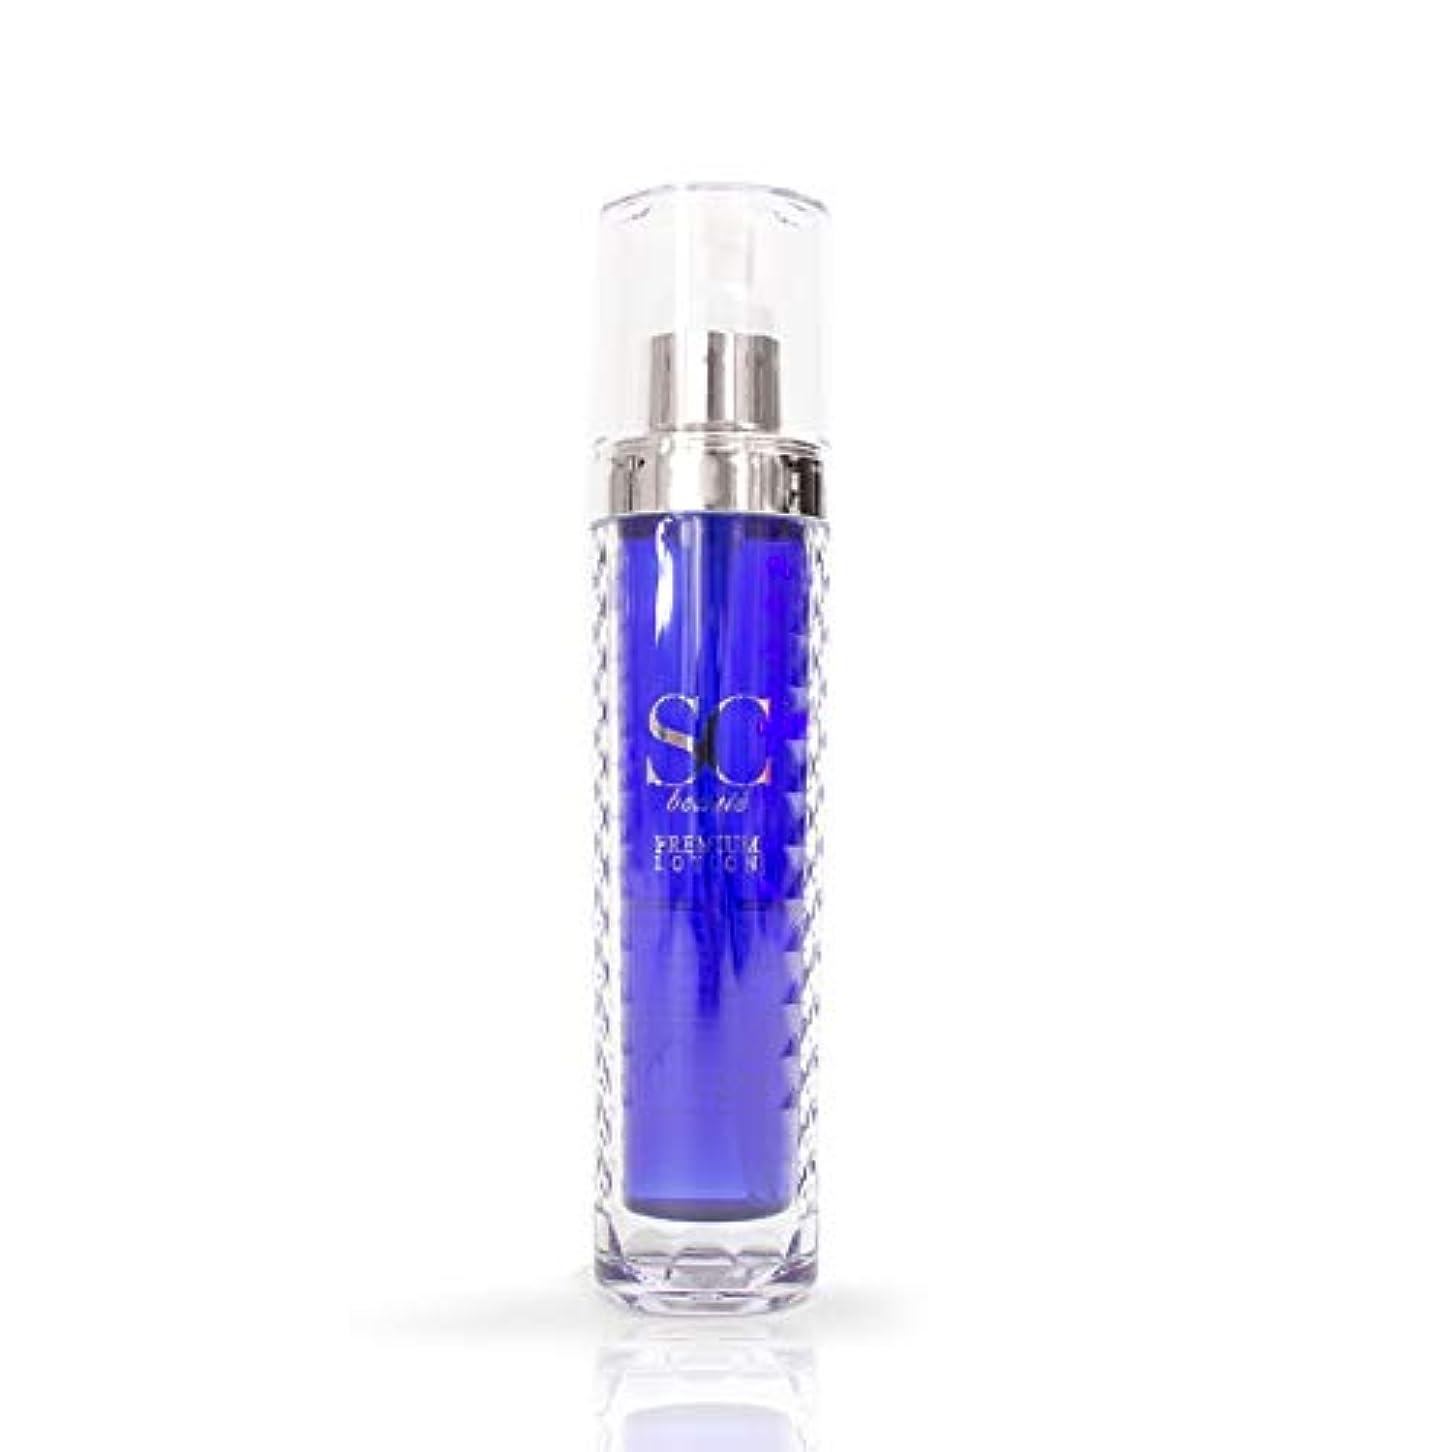 低い大混乱キルトSCボーテ プレミアムローション 化粧水 120ml 「皮膚再生医療」から誕生したヒト幹細胞培養液+海洋深層水+有効成分配合 (120ml)